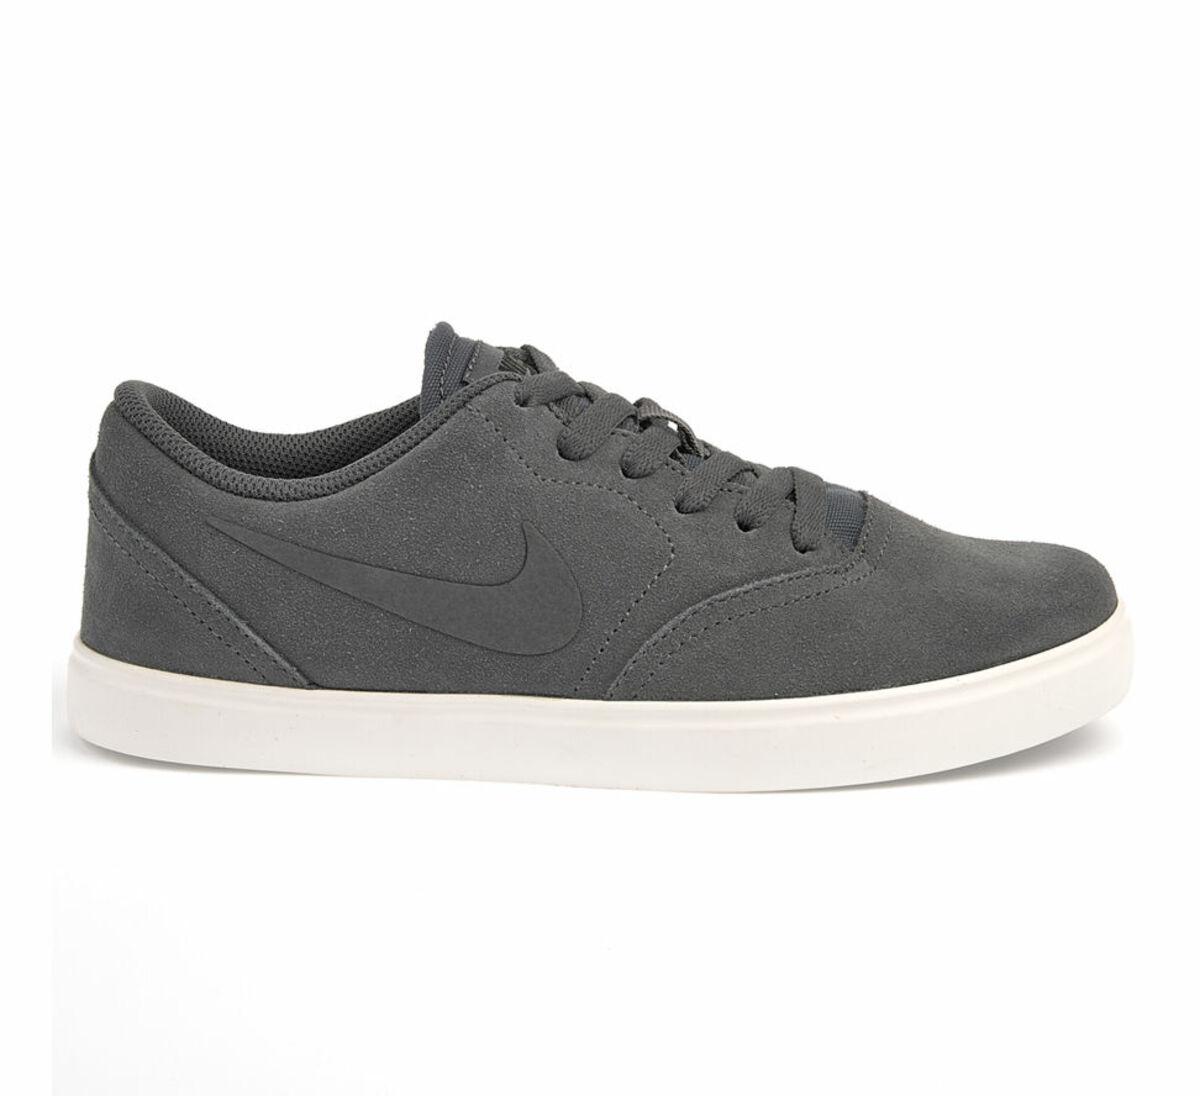 Bild 3 von NIKE Sneaker - GS NIKE SB CHECK SUEDE